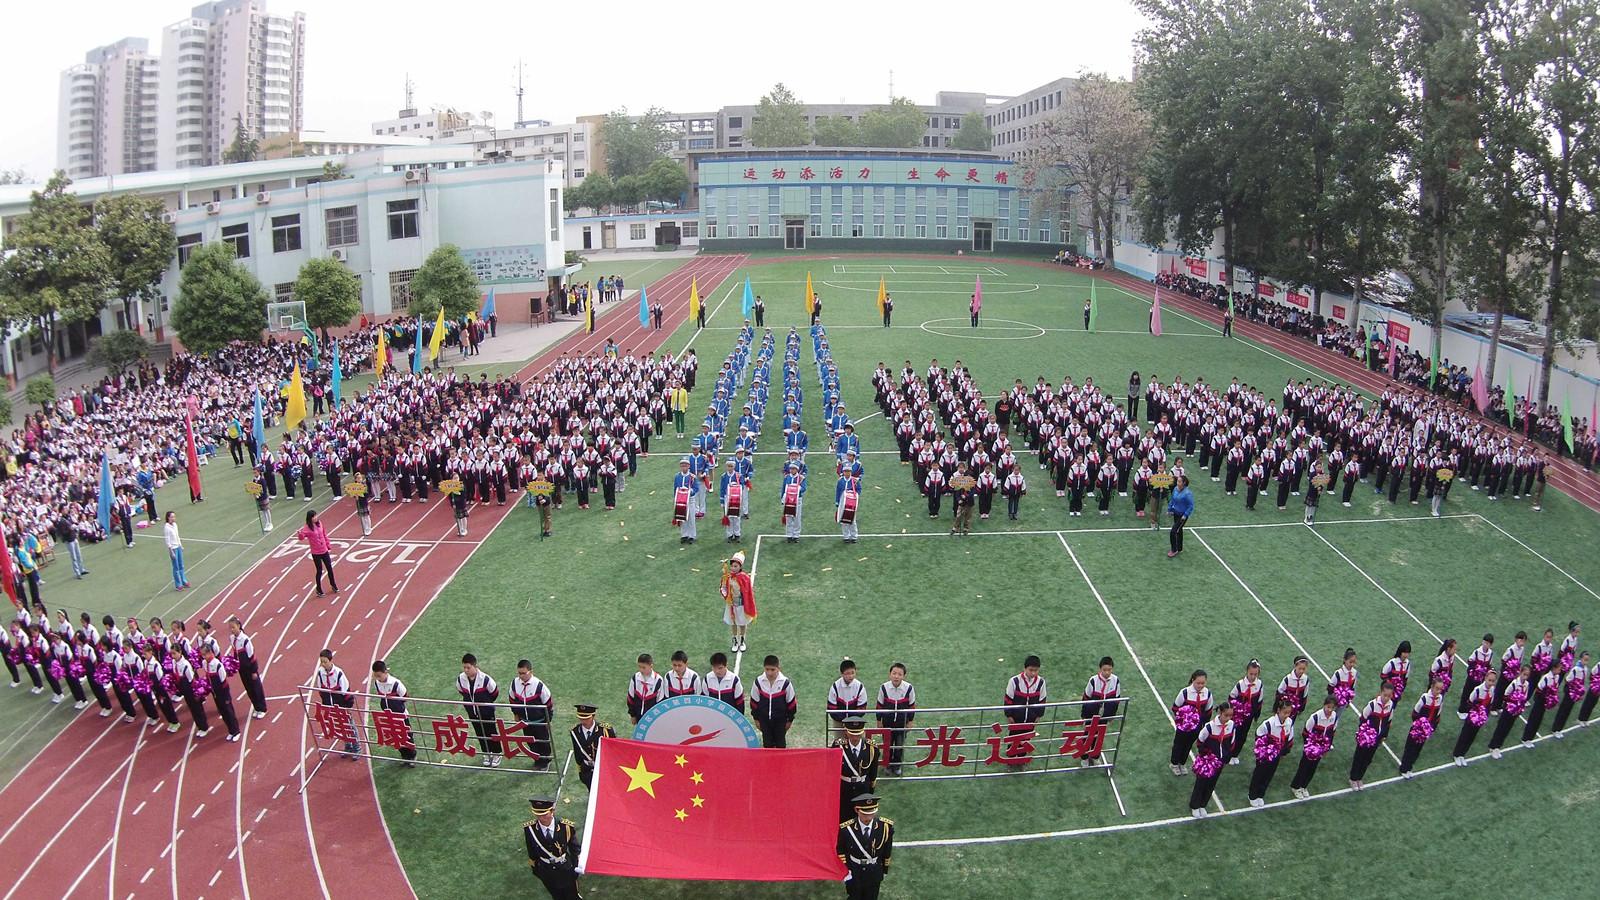 西安市阎良区西飞四小2014年春季运动会胜利开幕